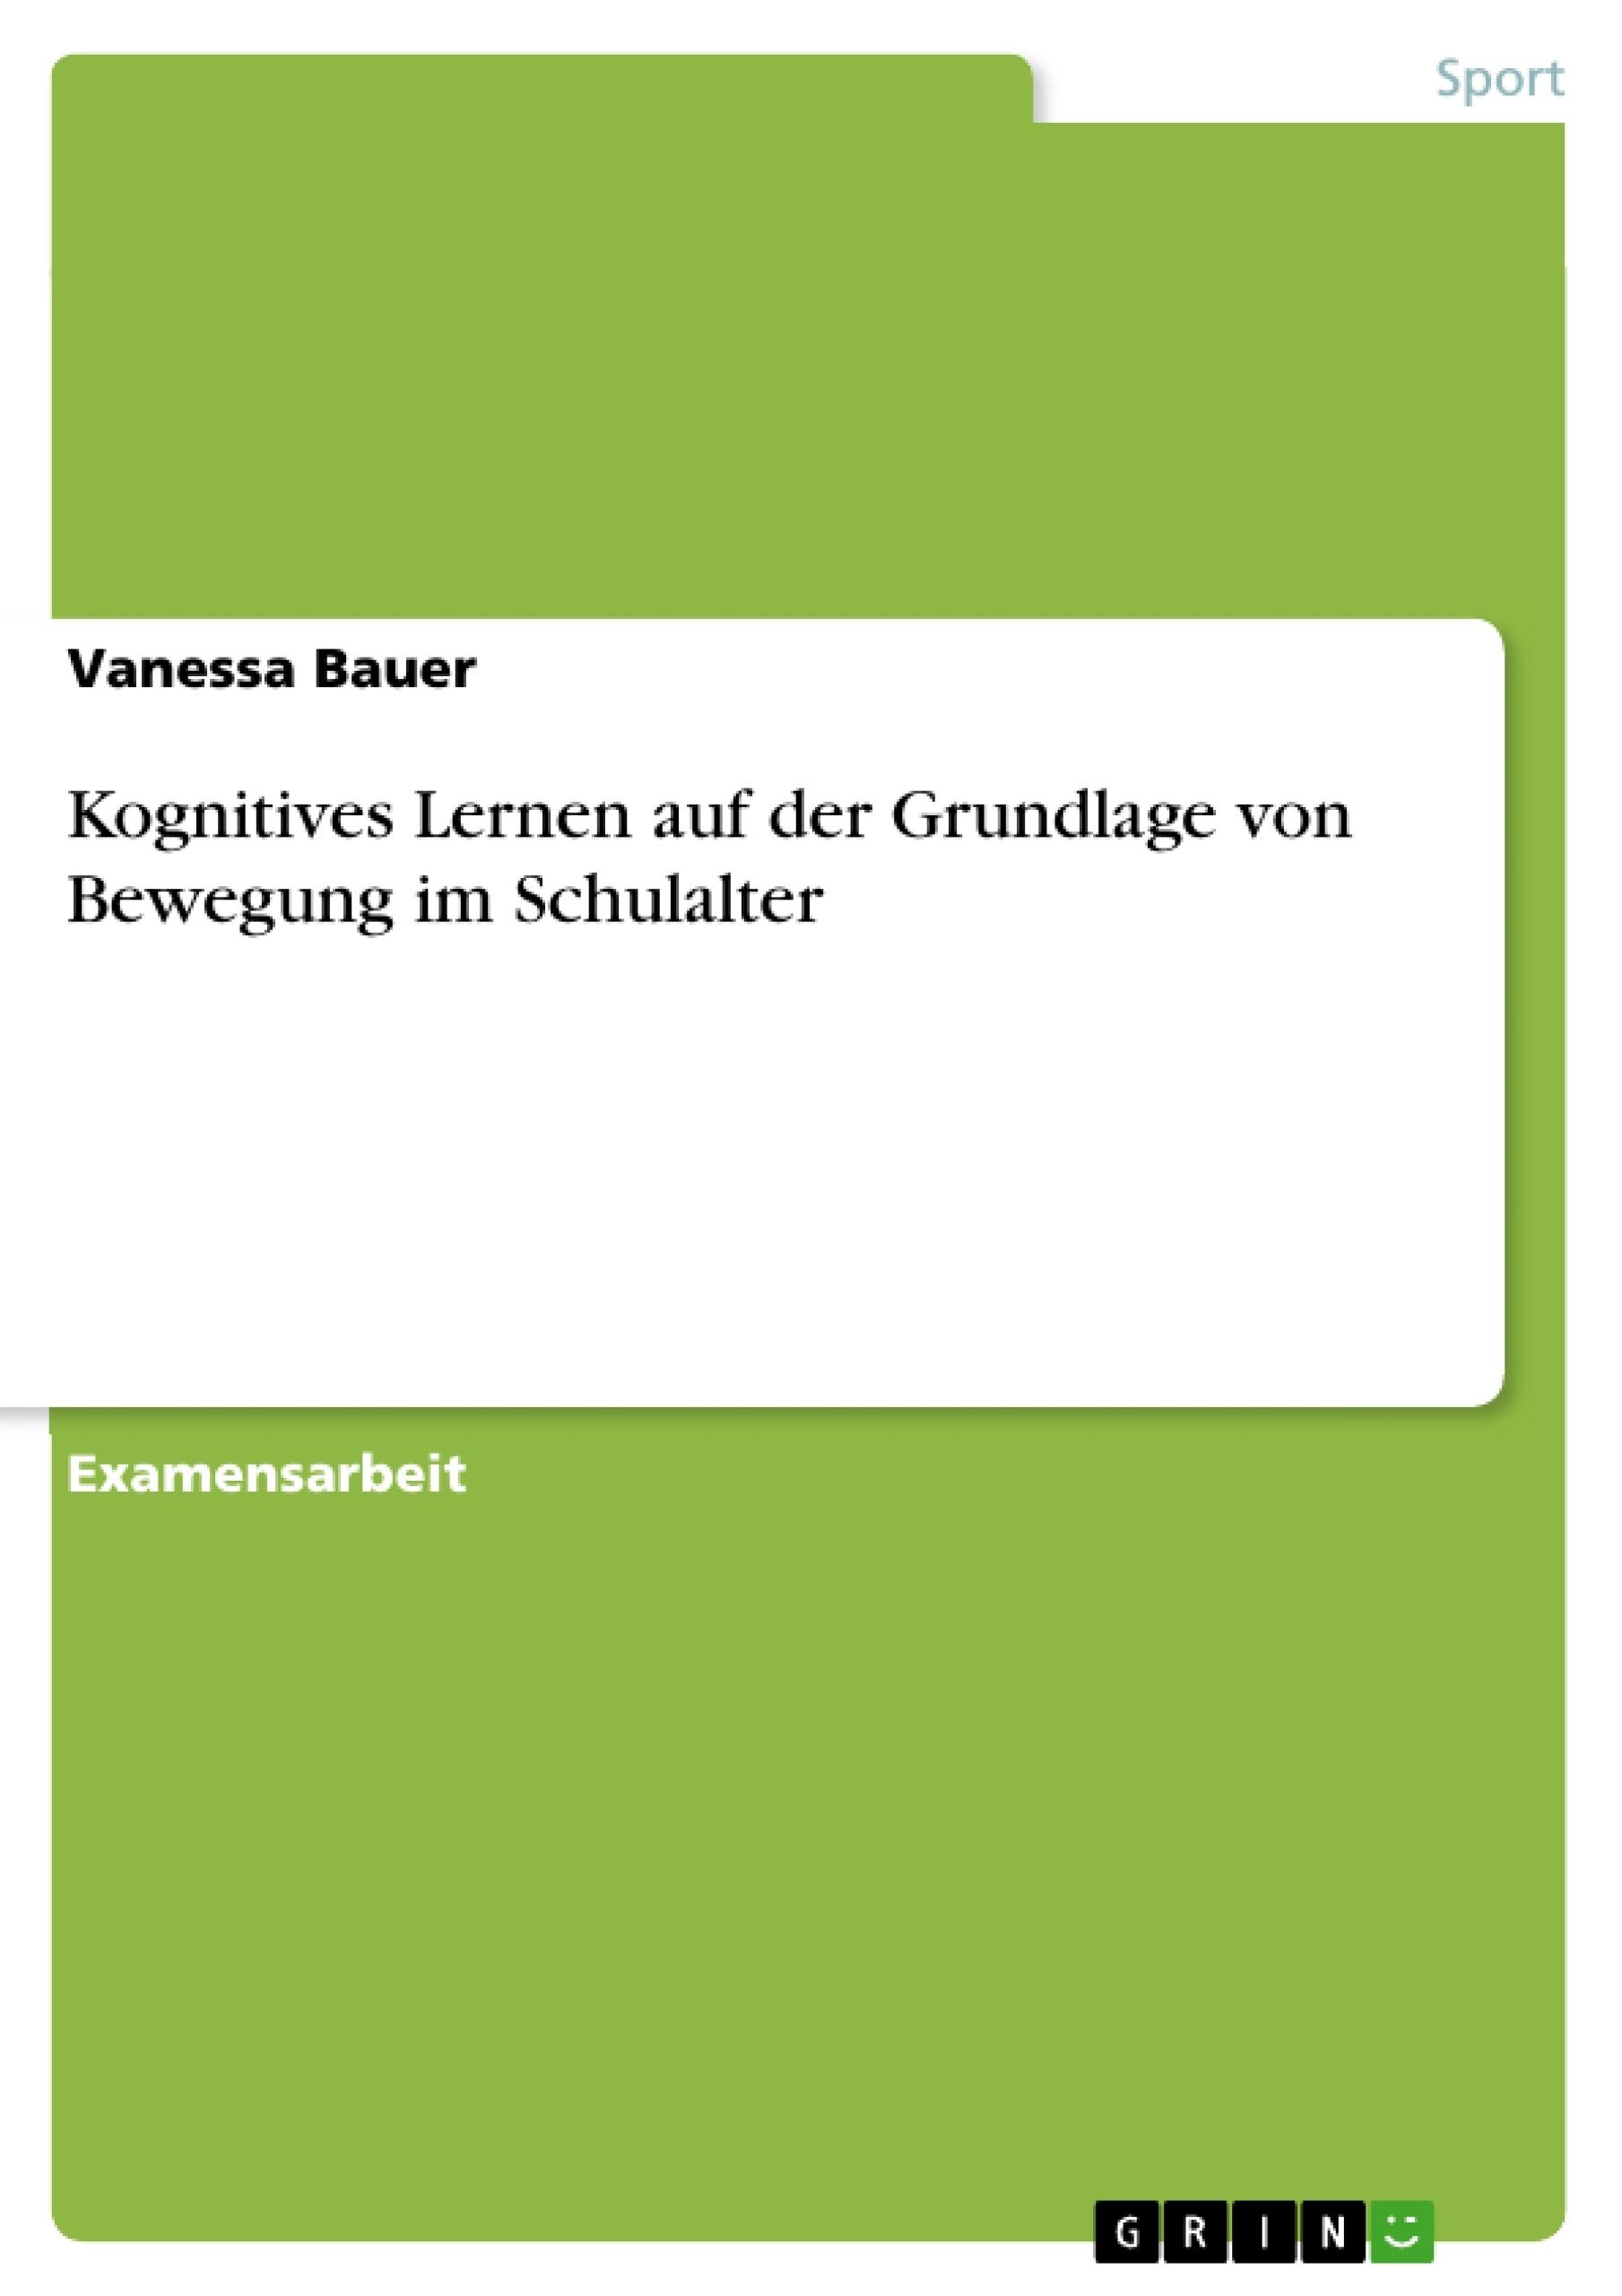 Titel: Kognitives Lernen auf der Grundlage von Bewegung im Schulalter